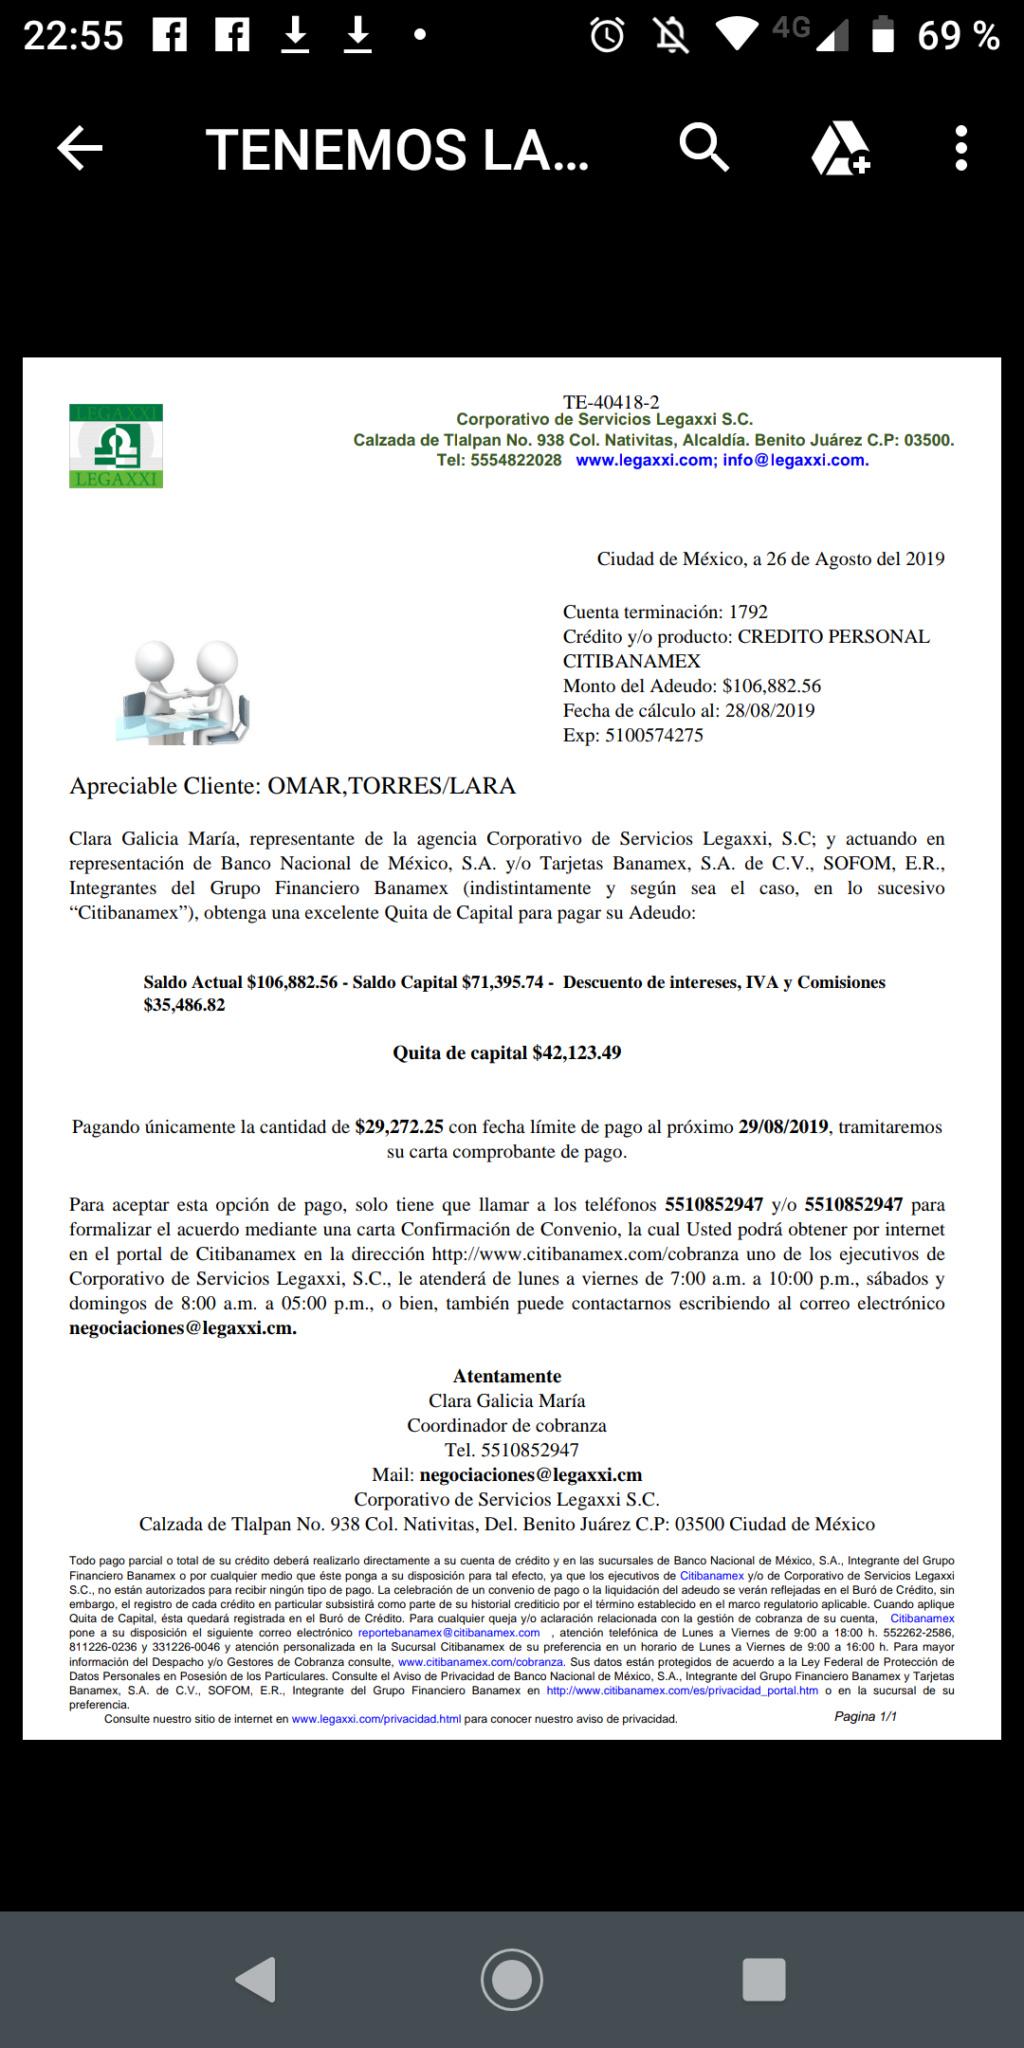 Deuda con Banamex y Santander. - Página 2 Screen14